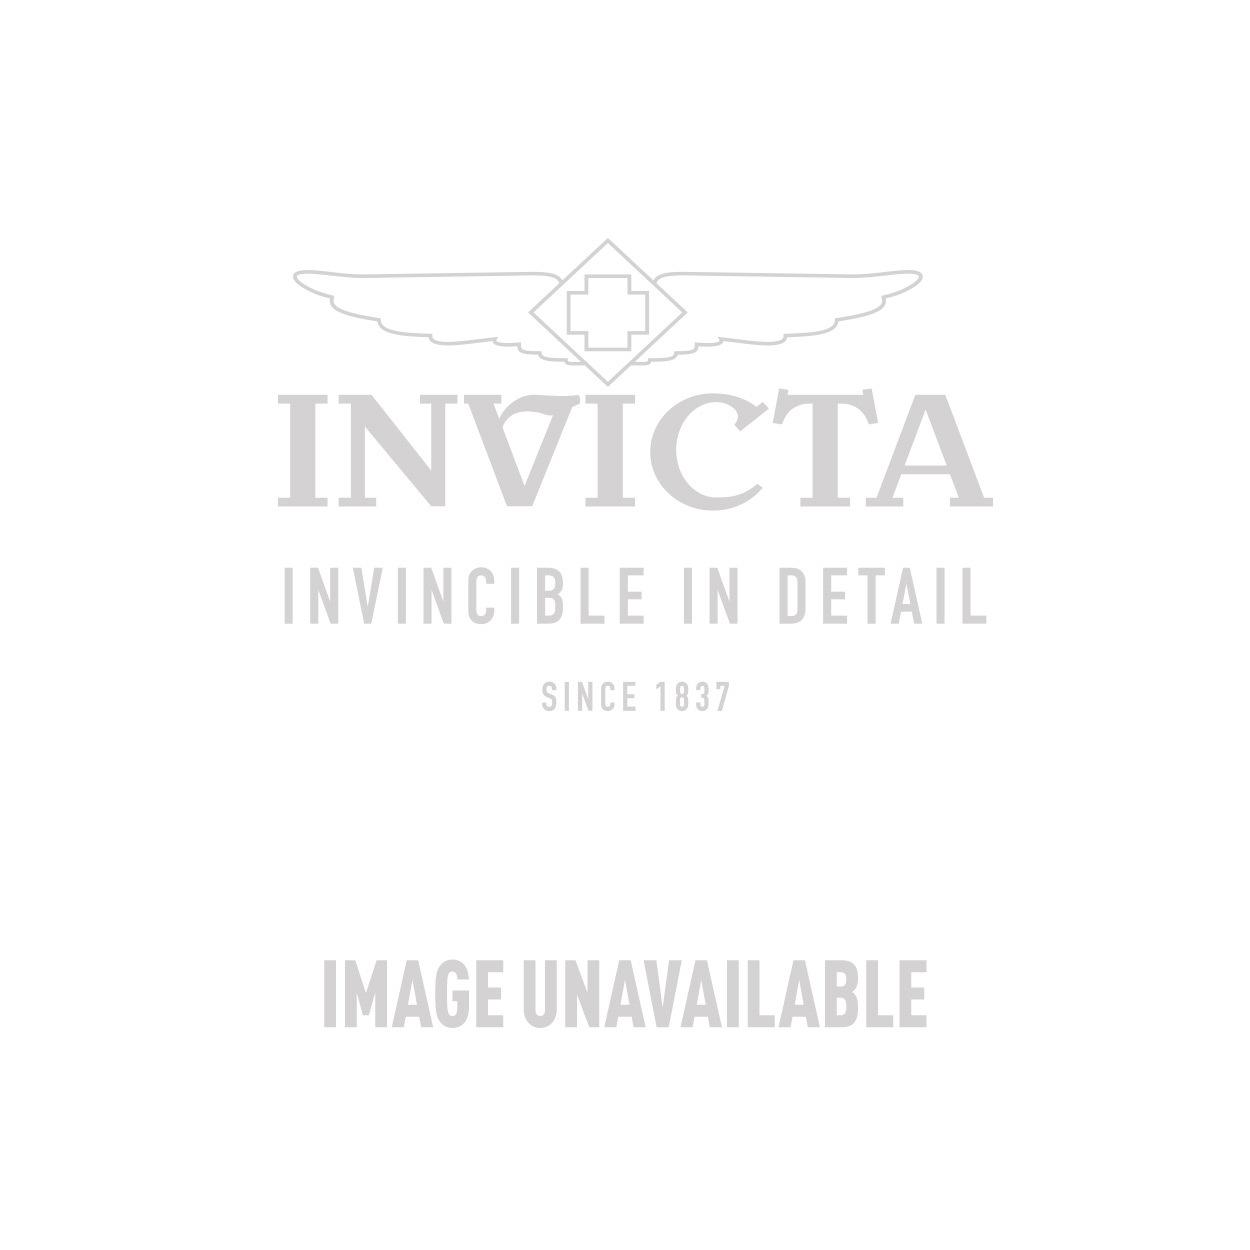 Invicta Model 25451